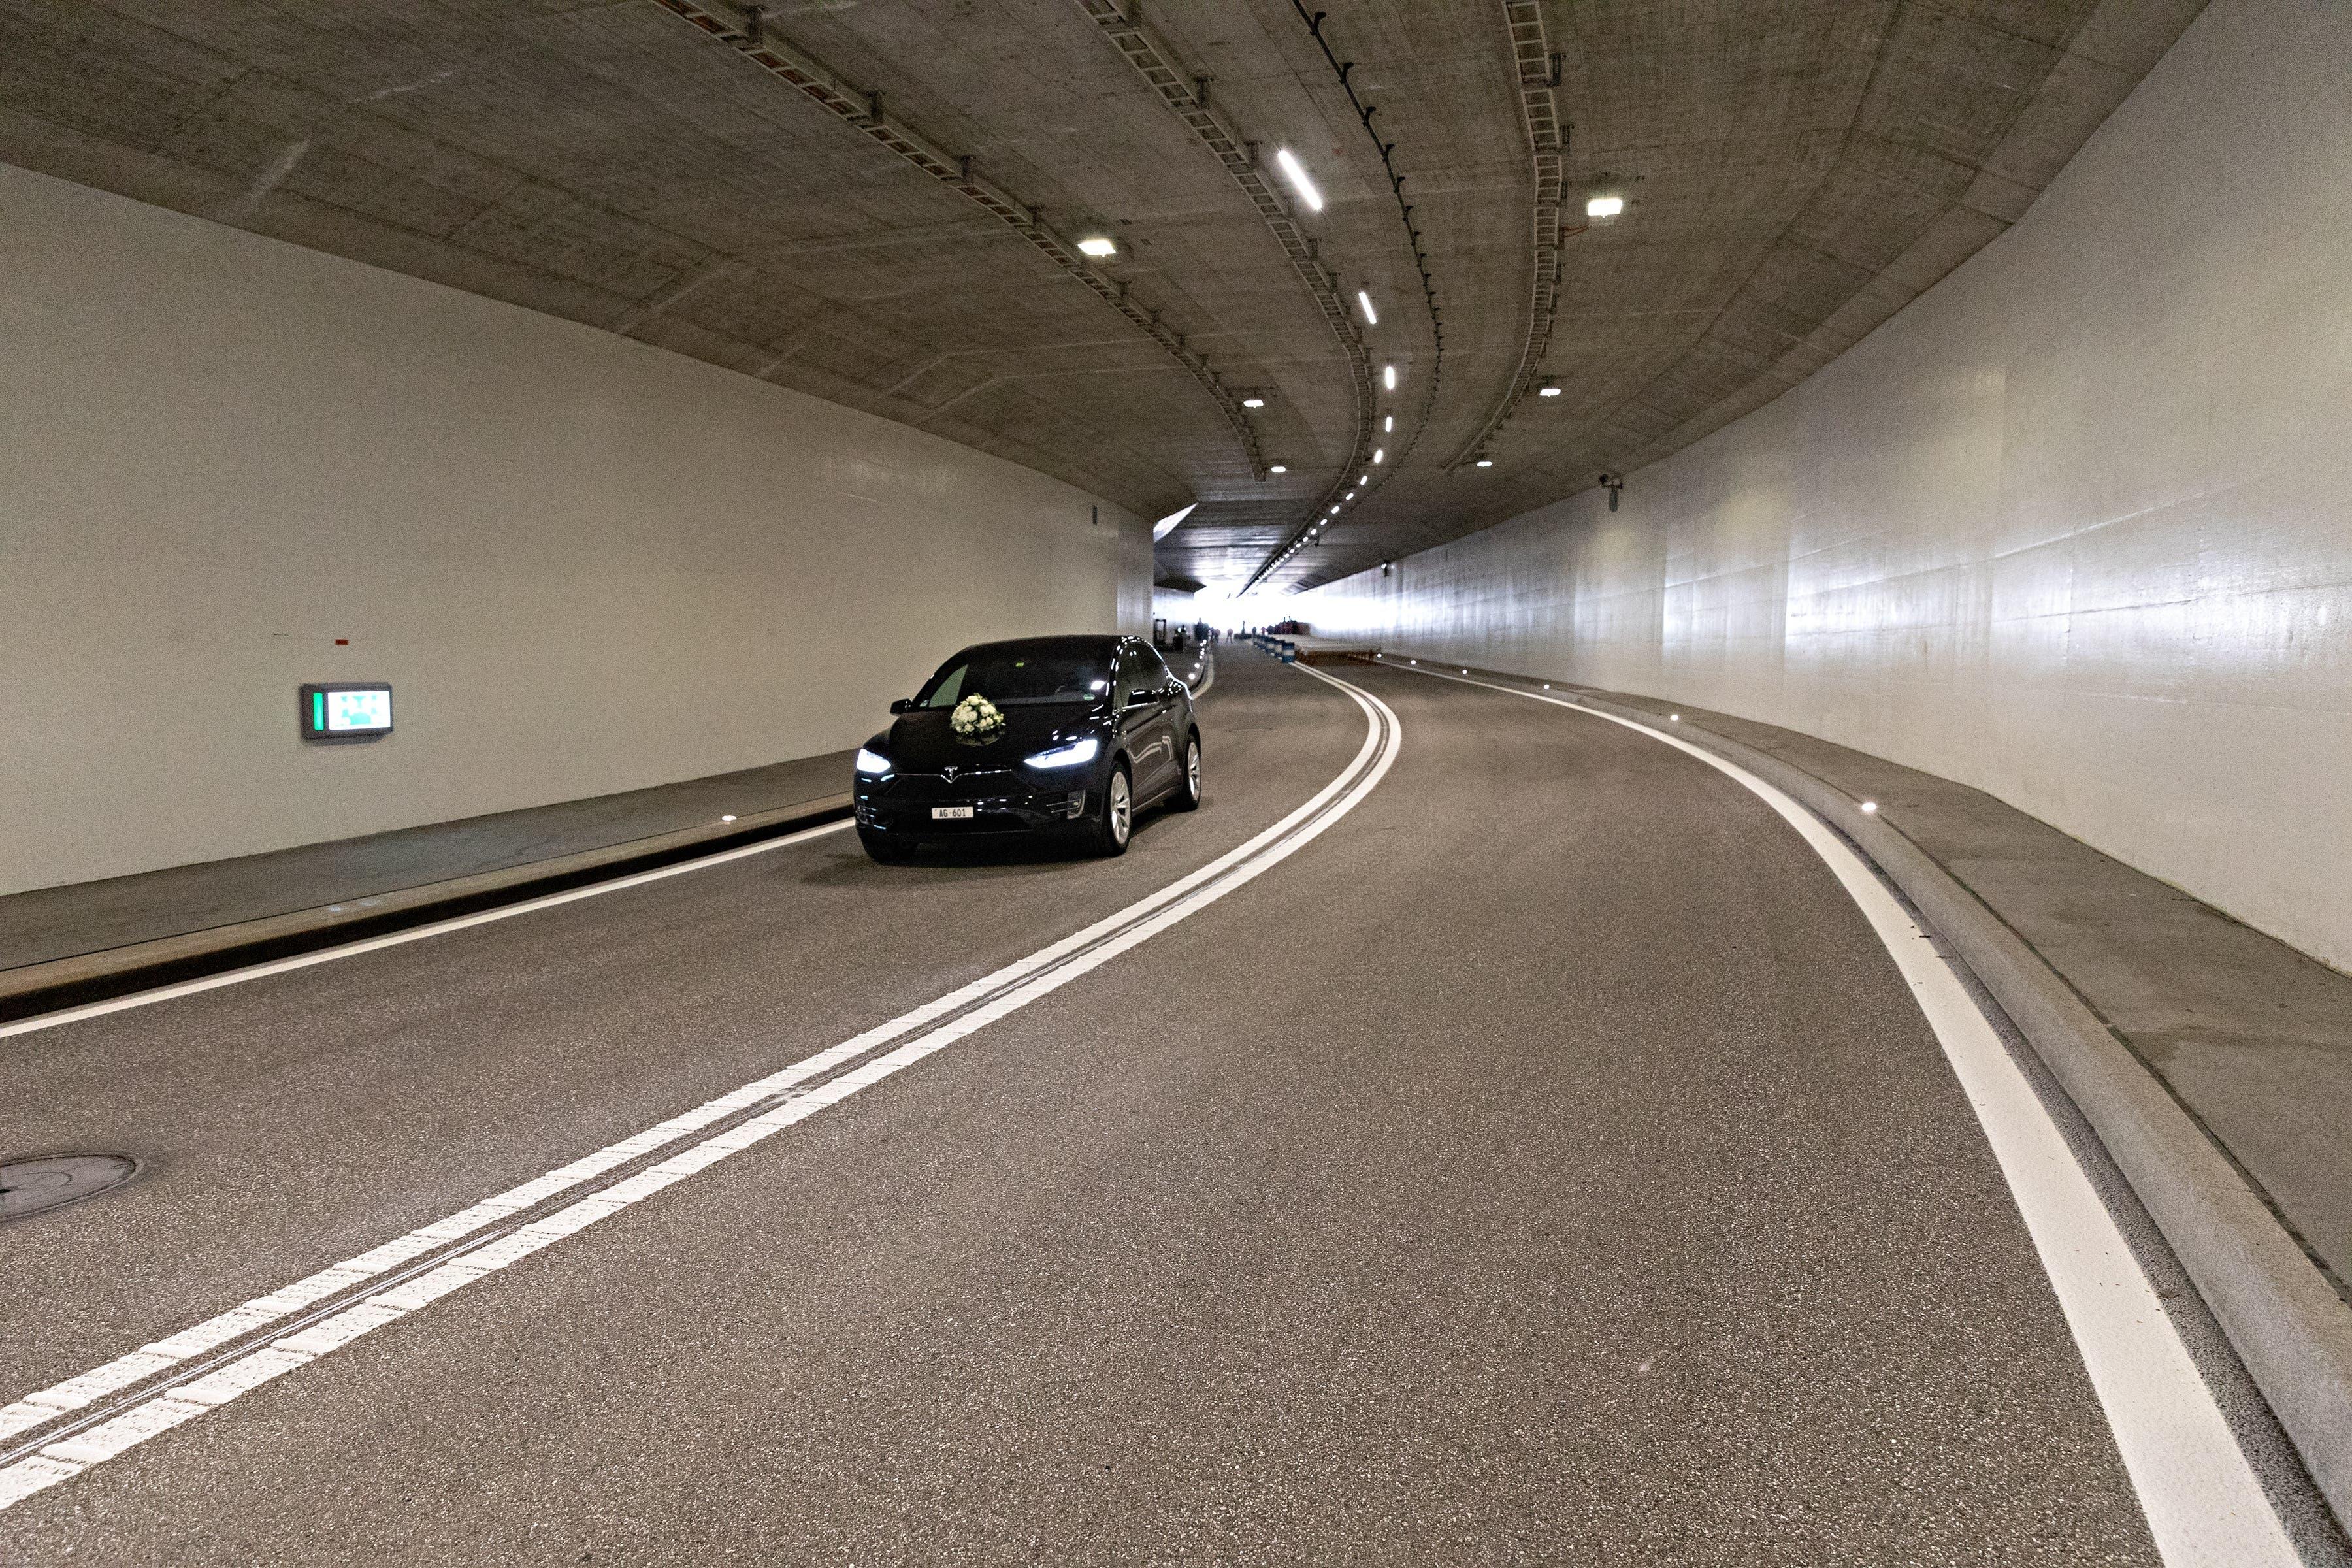 Eröffnungsfahrt durch den Tunnel.